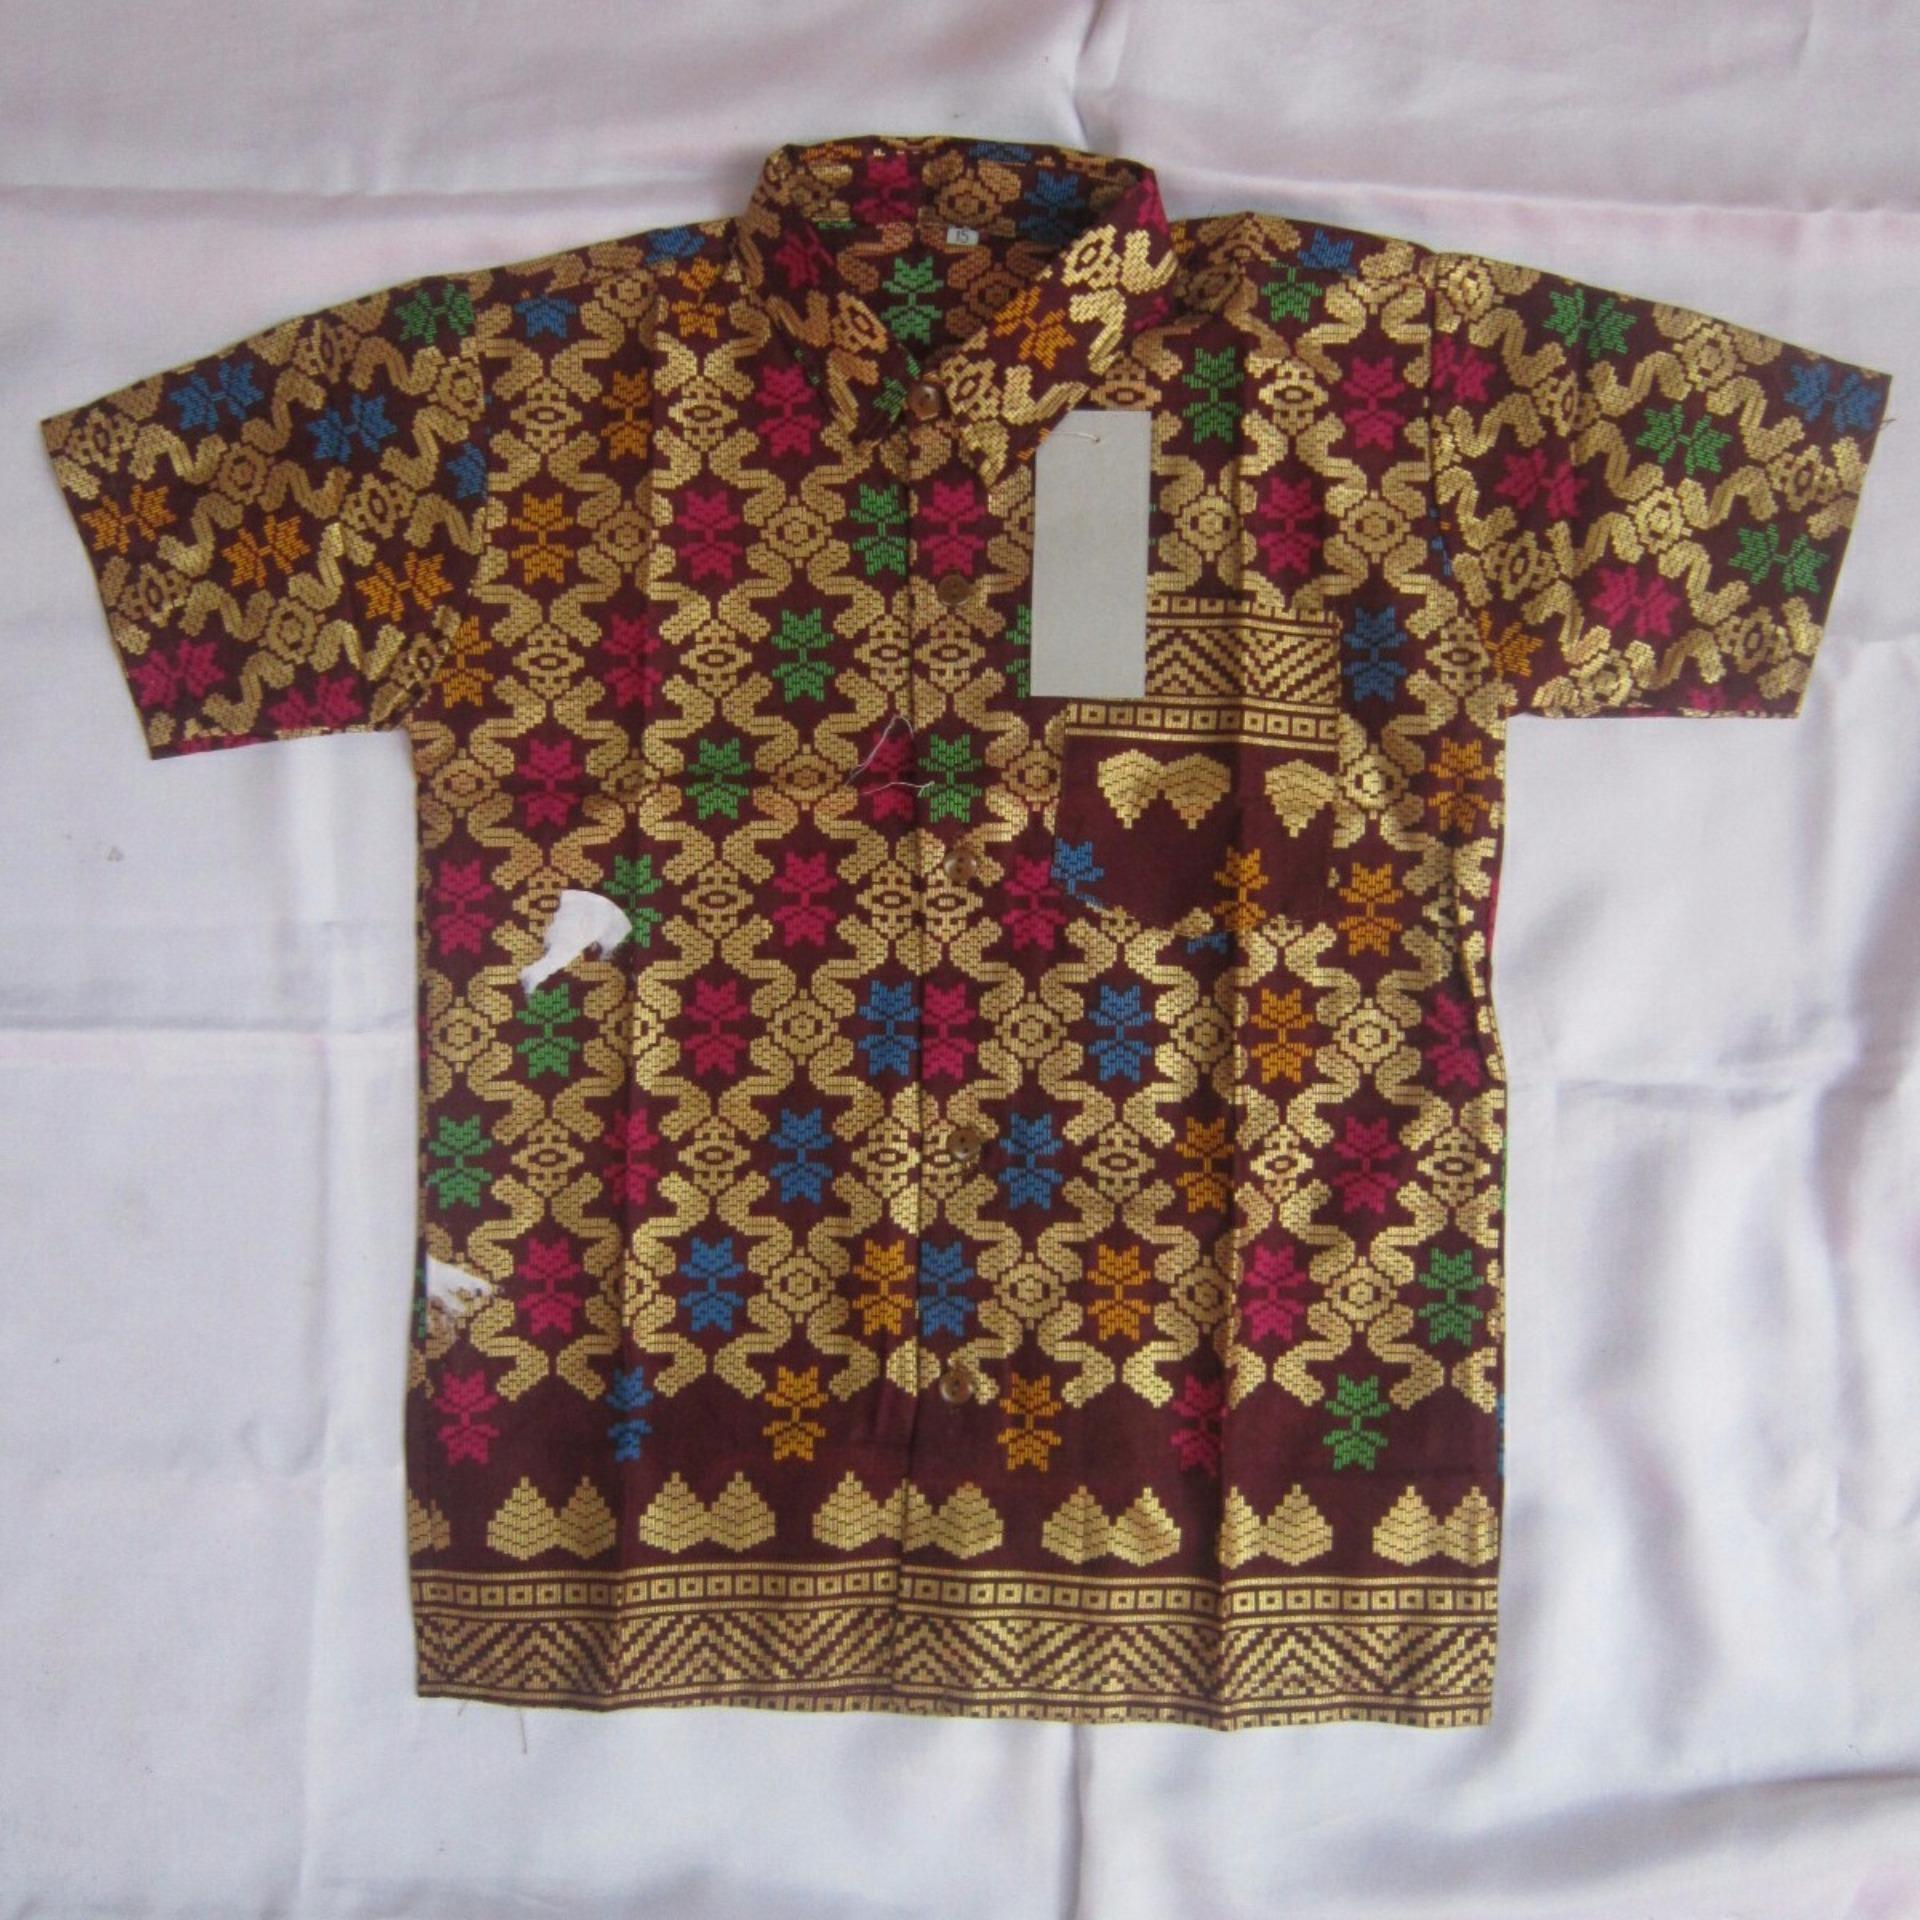 Mayura Batik Kemeja Anak Laki Lucky Biru Daftar Harga Produk Ukm Bumn Atasan Tenun Pria Lengan Pendek Merah Marun Hem Baju 2